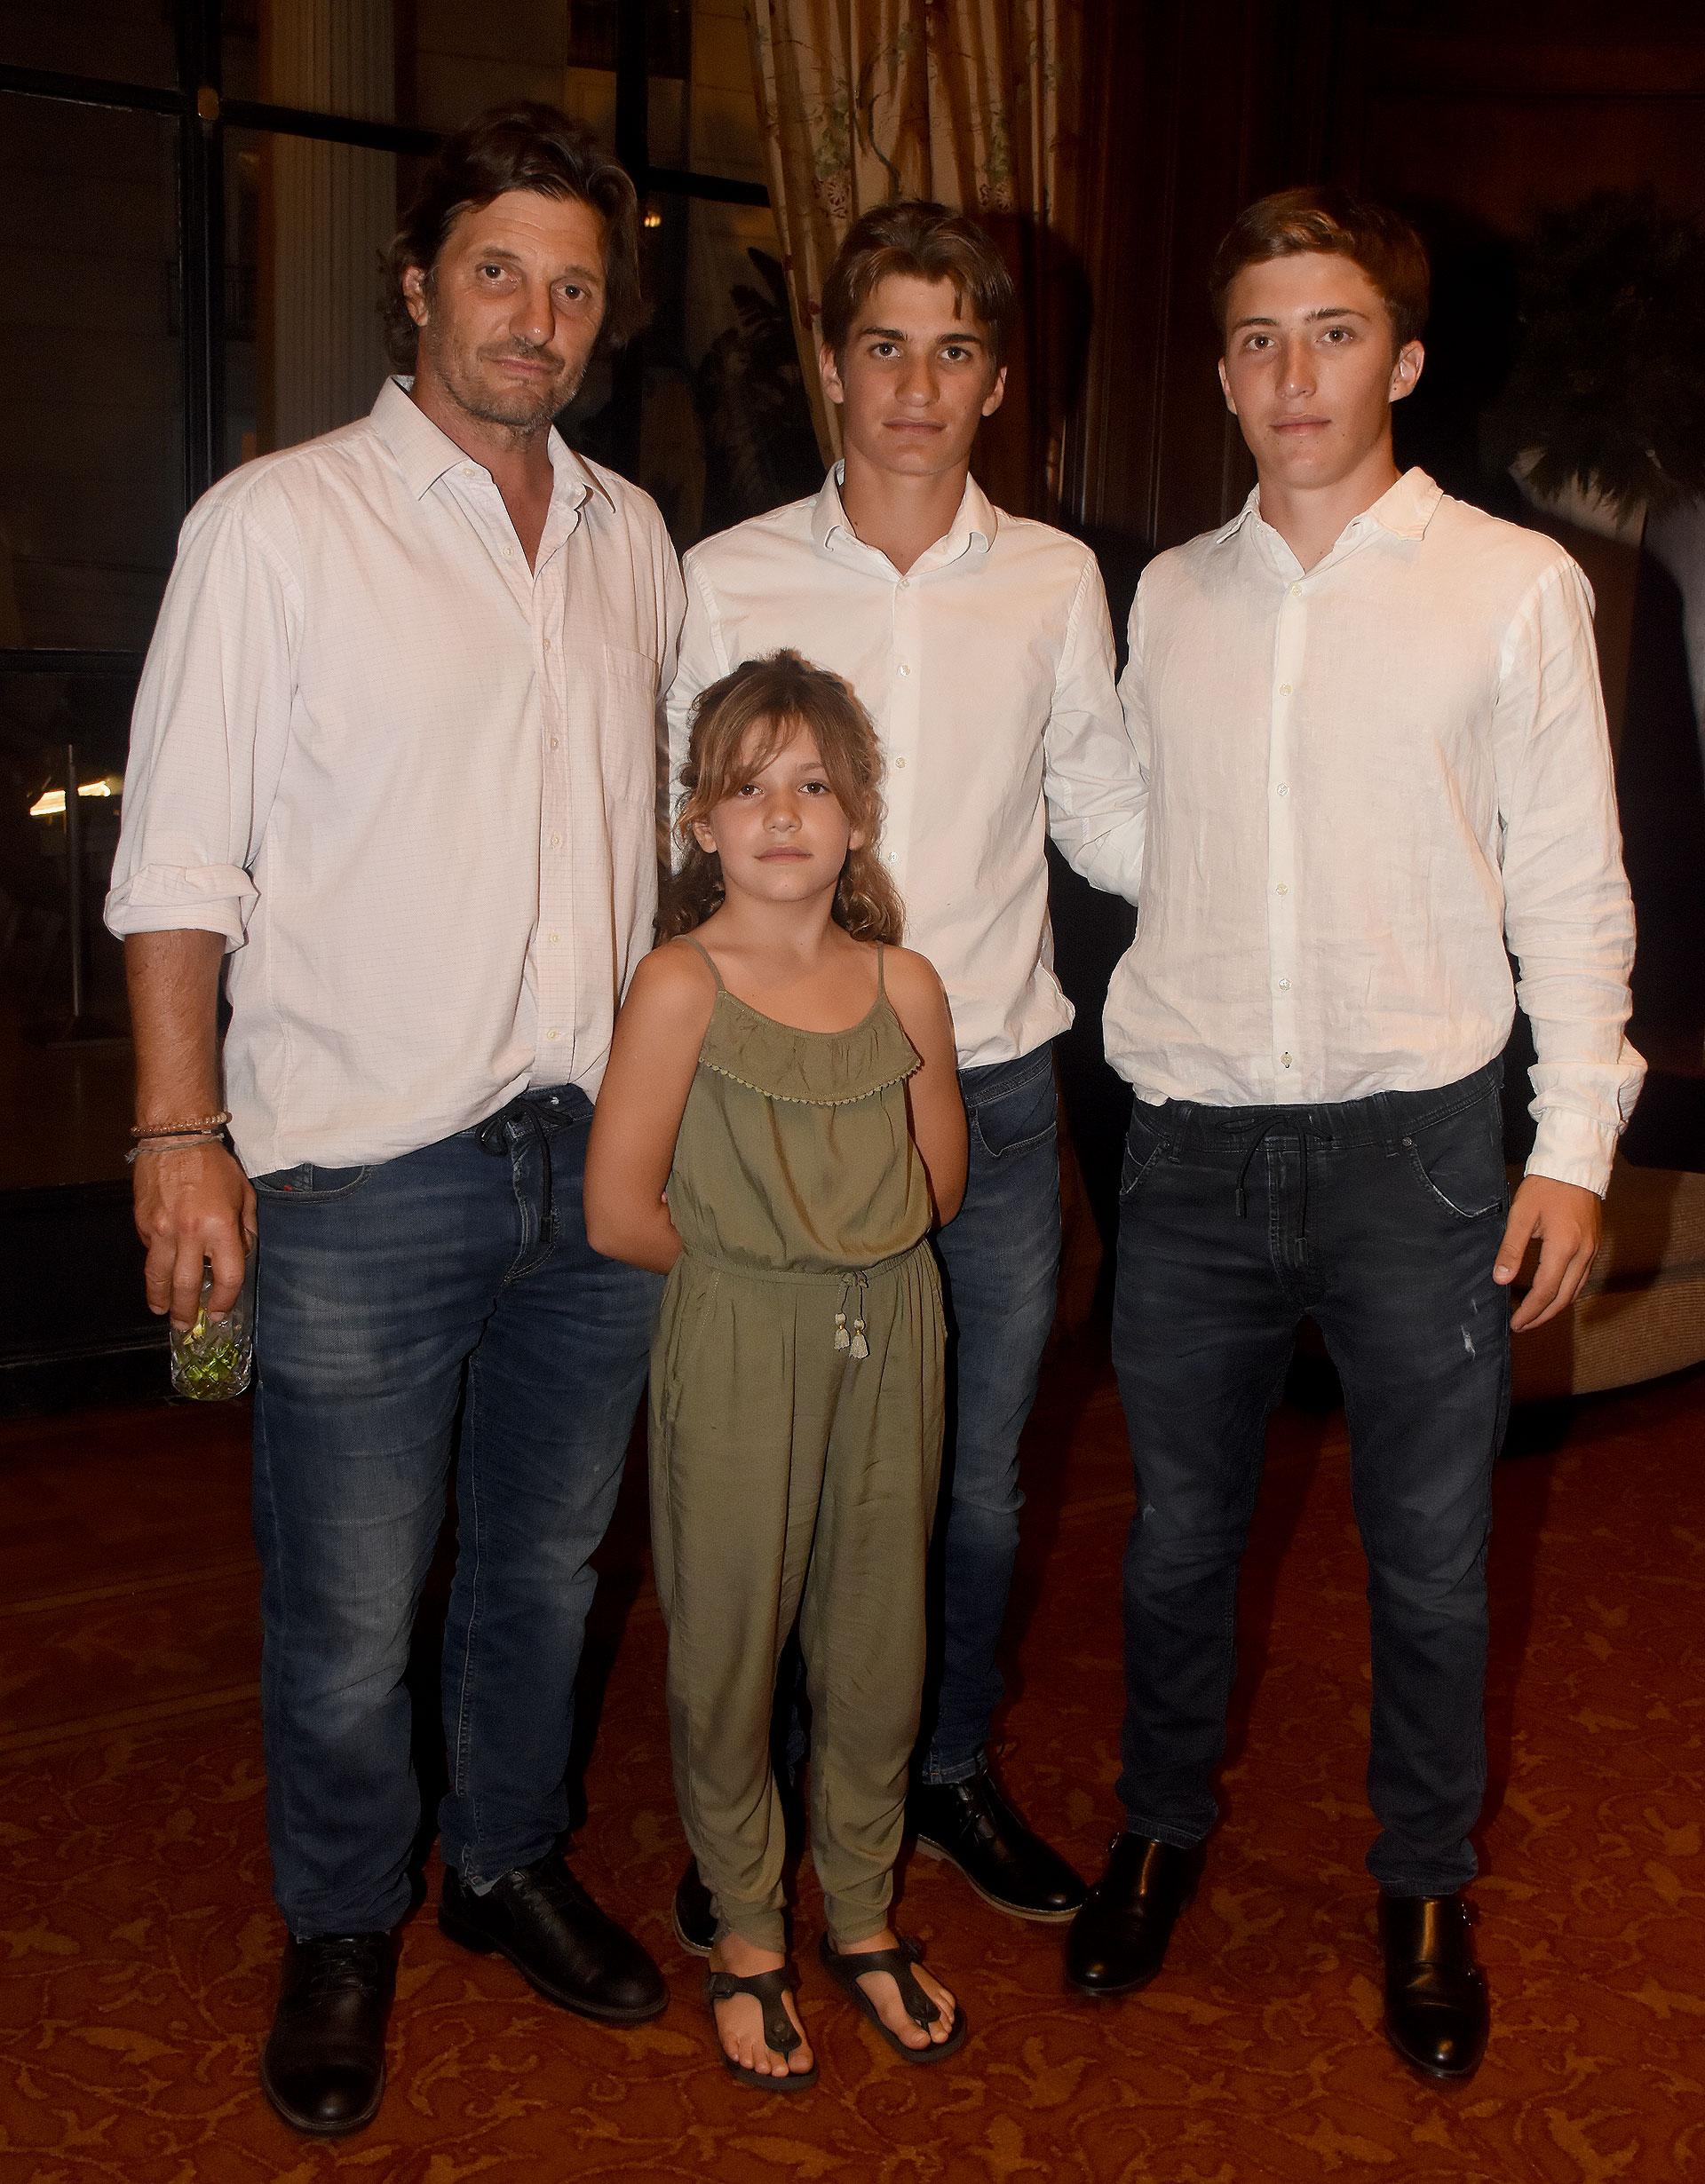 Bartolomé Castagnola junto a sus tres hijos: Lola, Camilo y Bartolomé